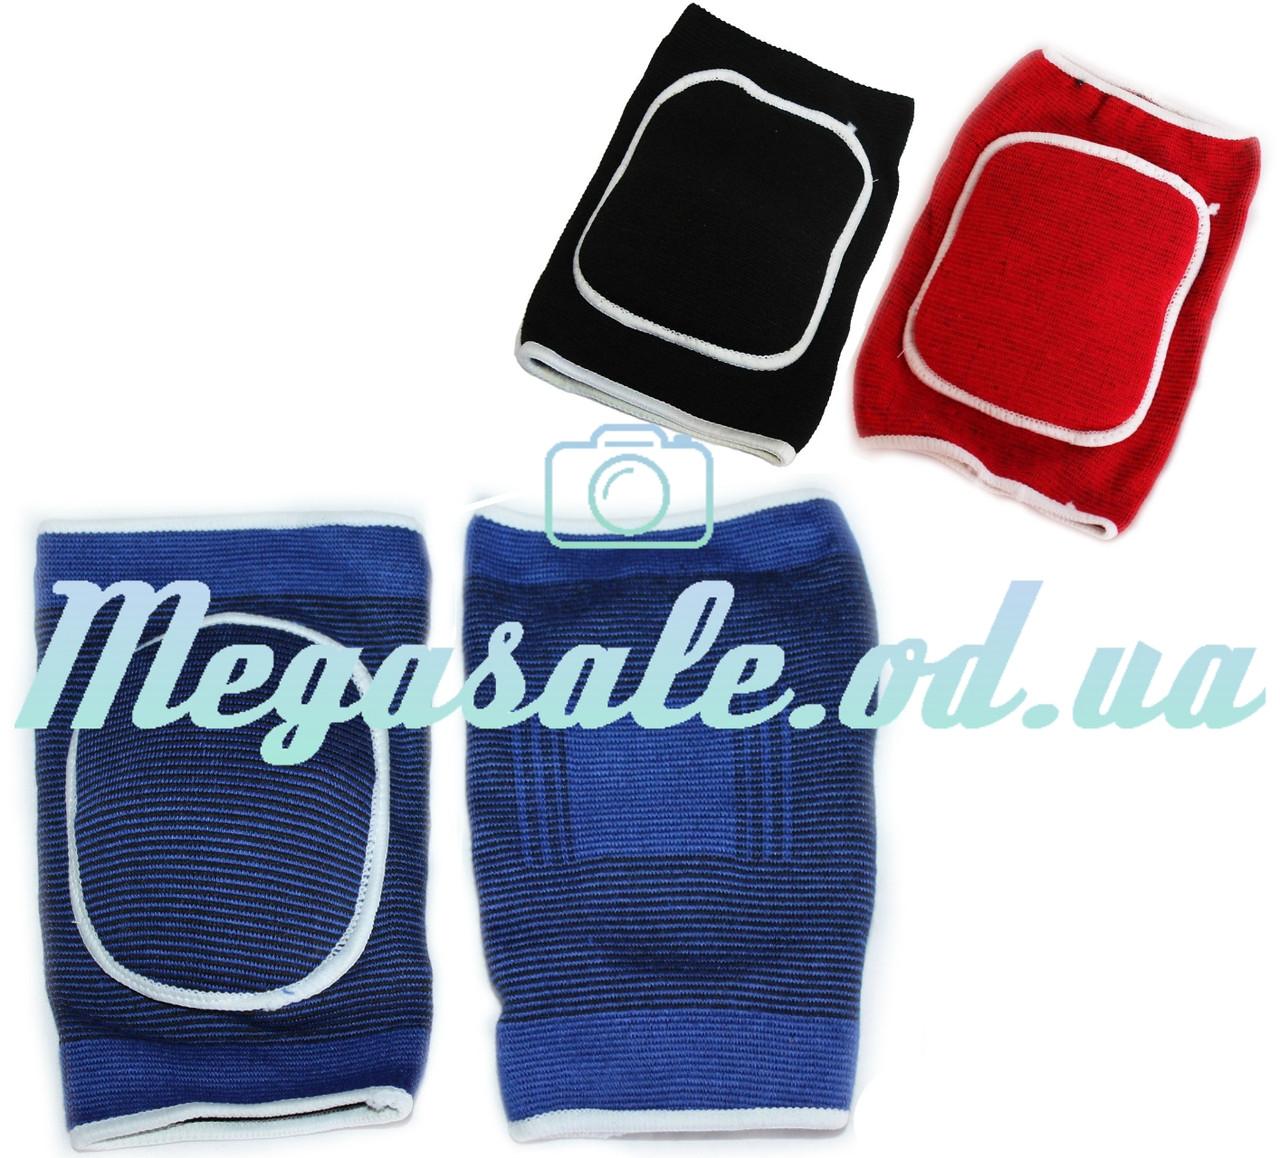 Наколенники спортивные с уплотненной амортизационной подушкой BS, 3 цвета: размер M, L - MegaSale в Одессе